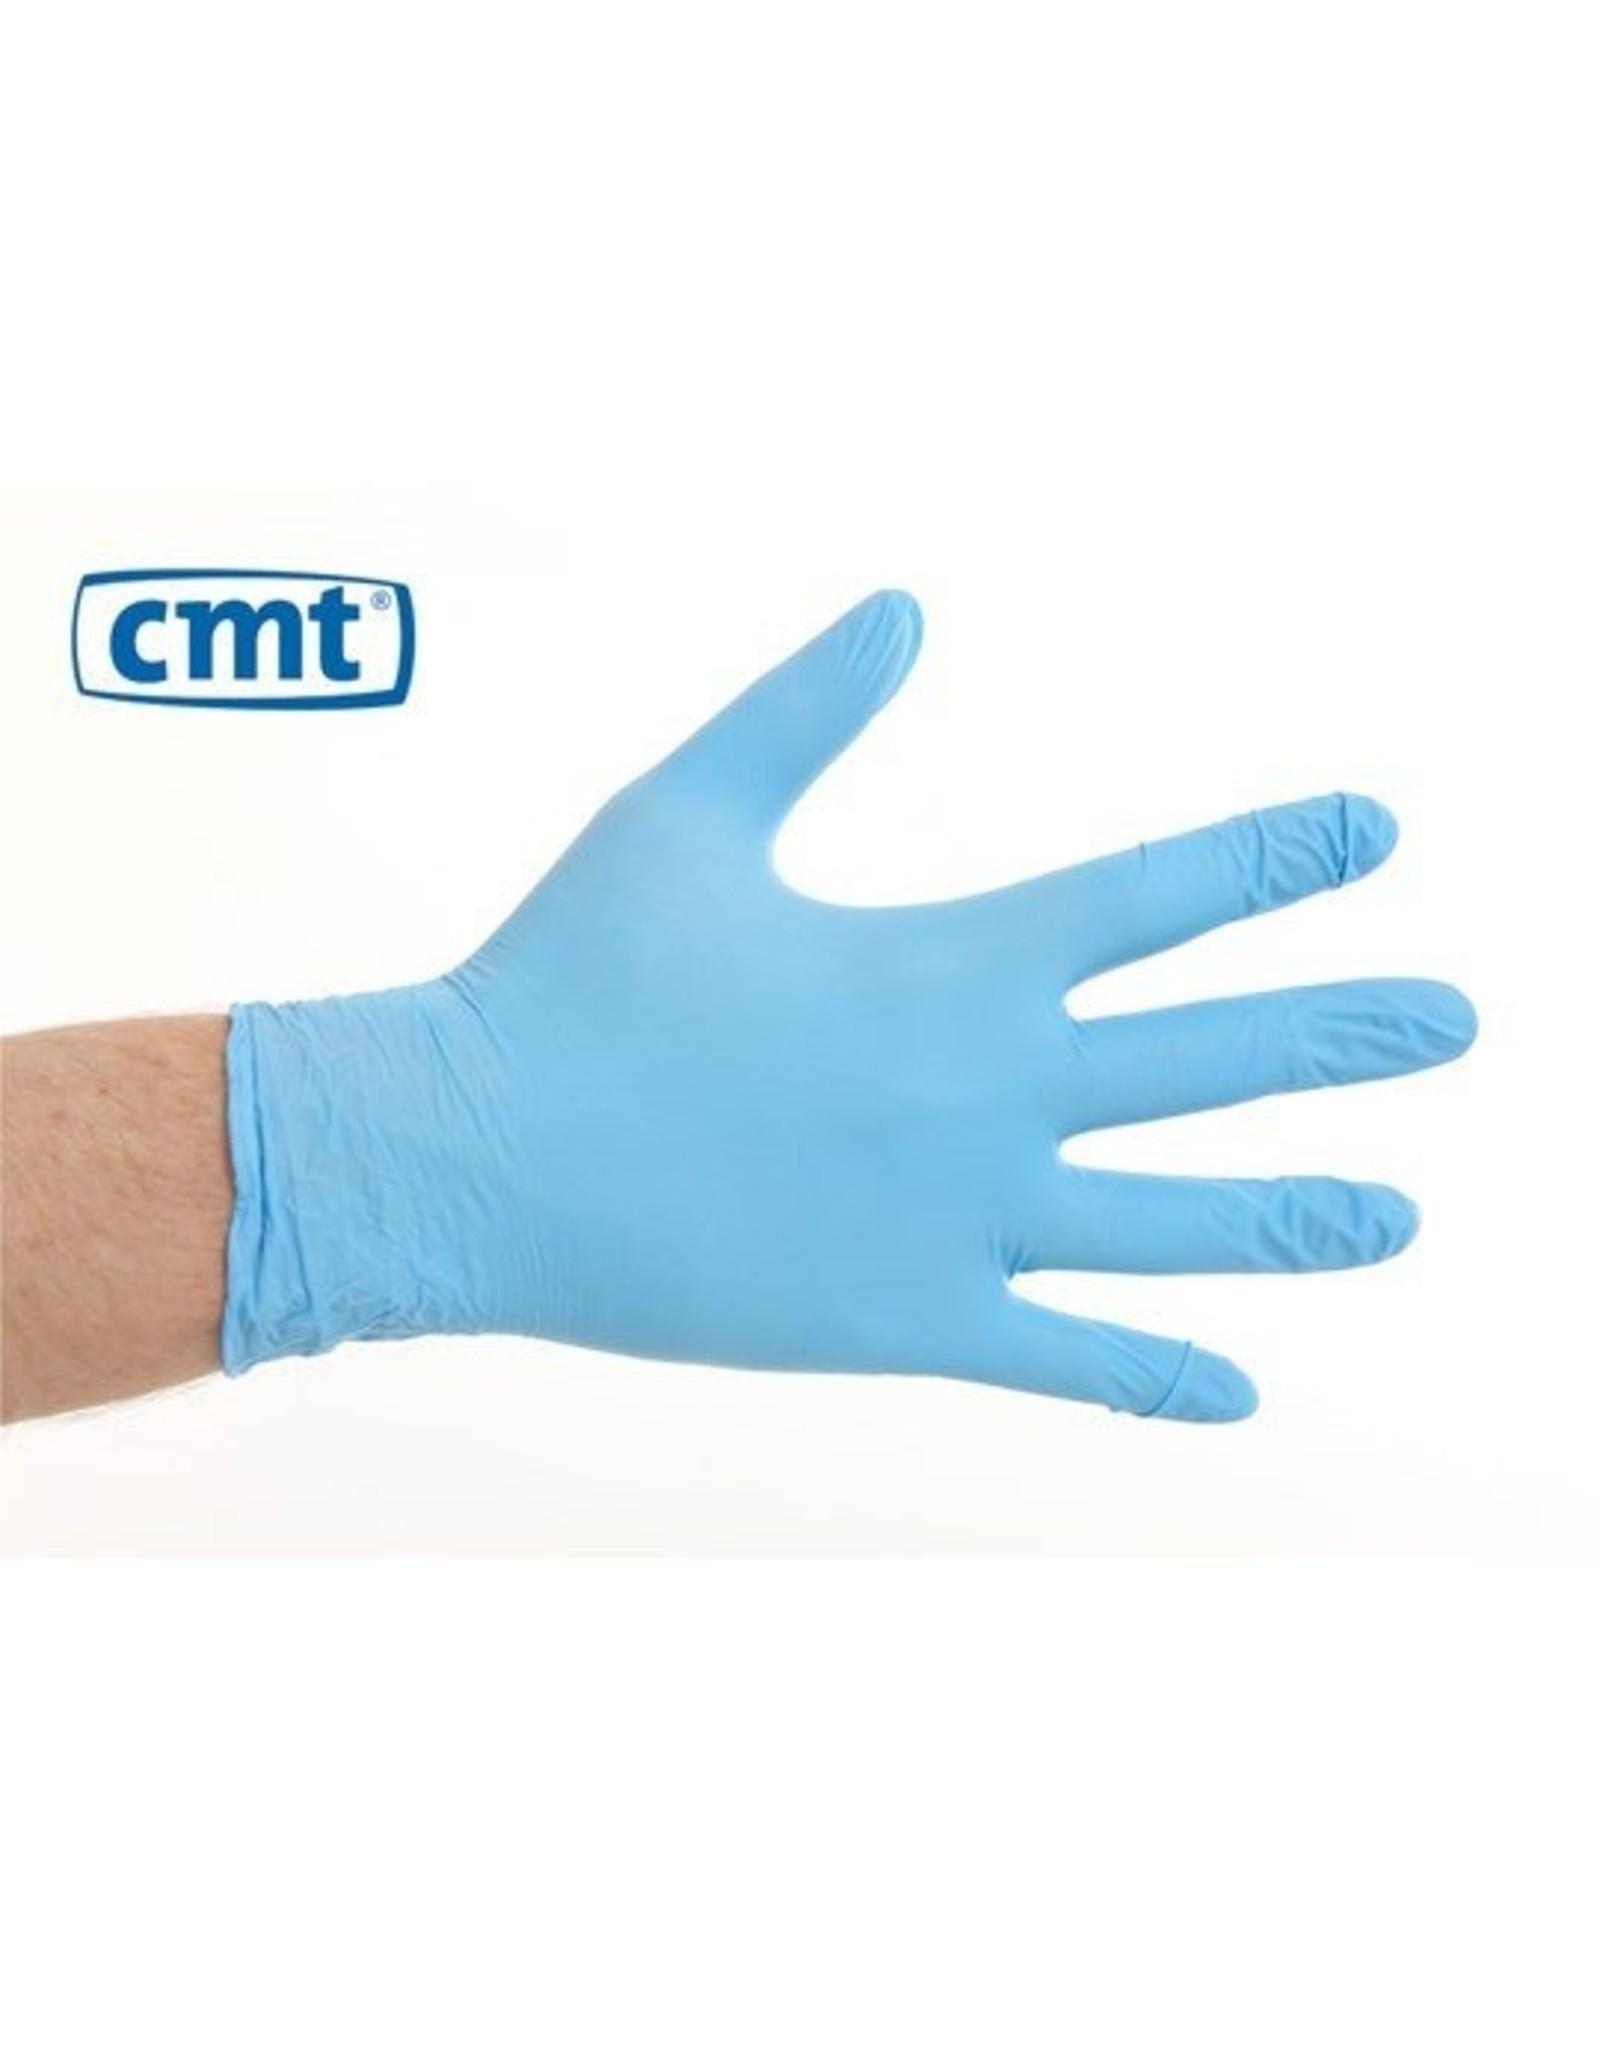 CMT CMT soft nitril handschoenen poedervrij  M blauw